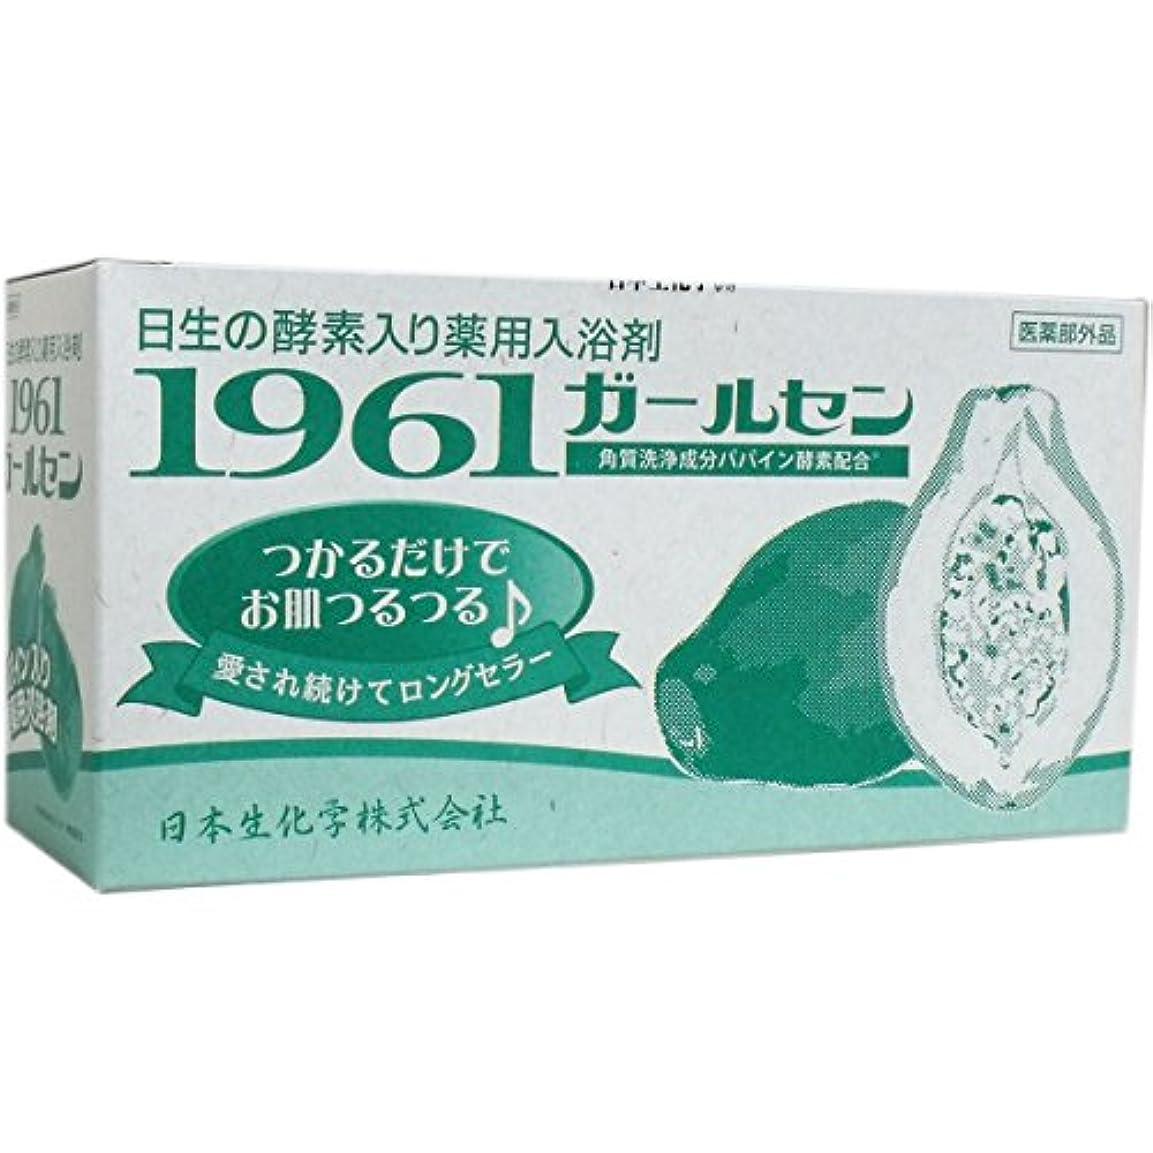 債務そこエスニック日本生化学 酵素入り薬用入浴剤 1961ガールセン 30包入